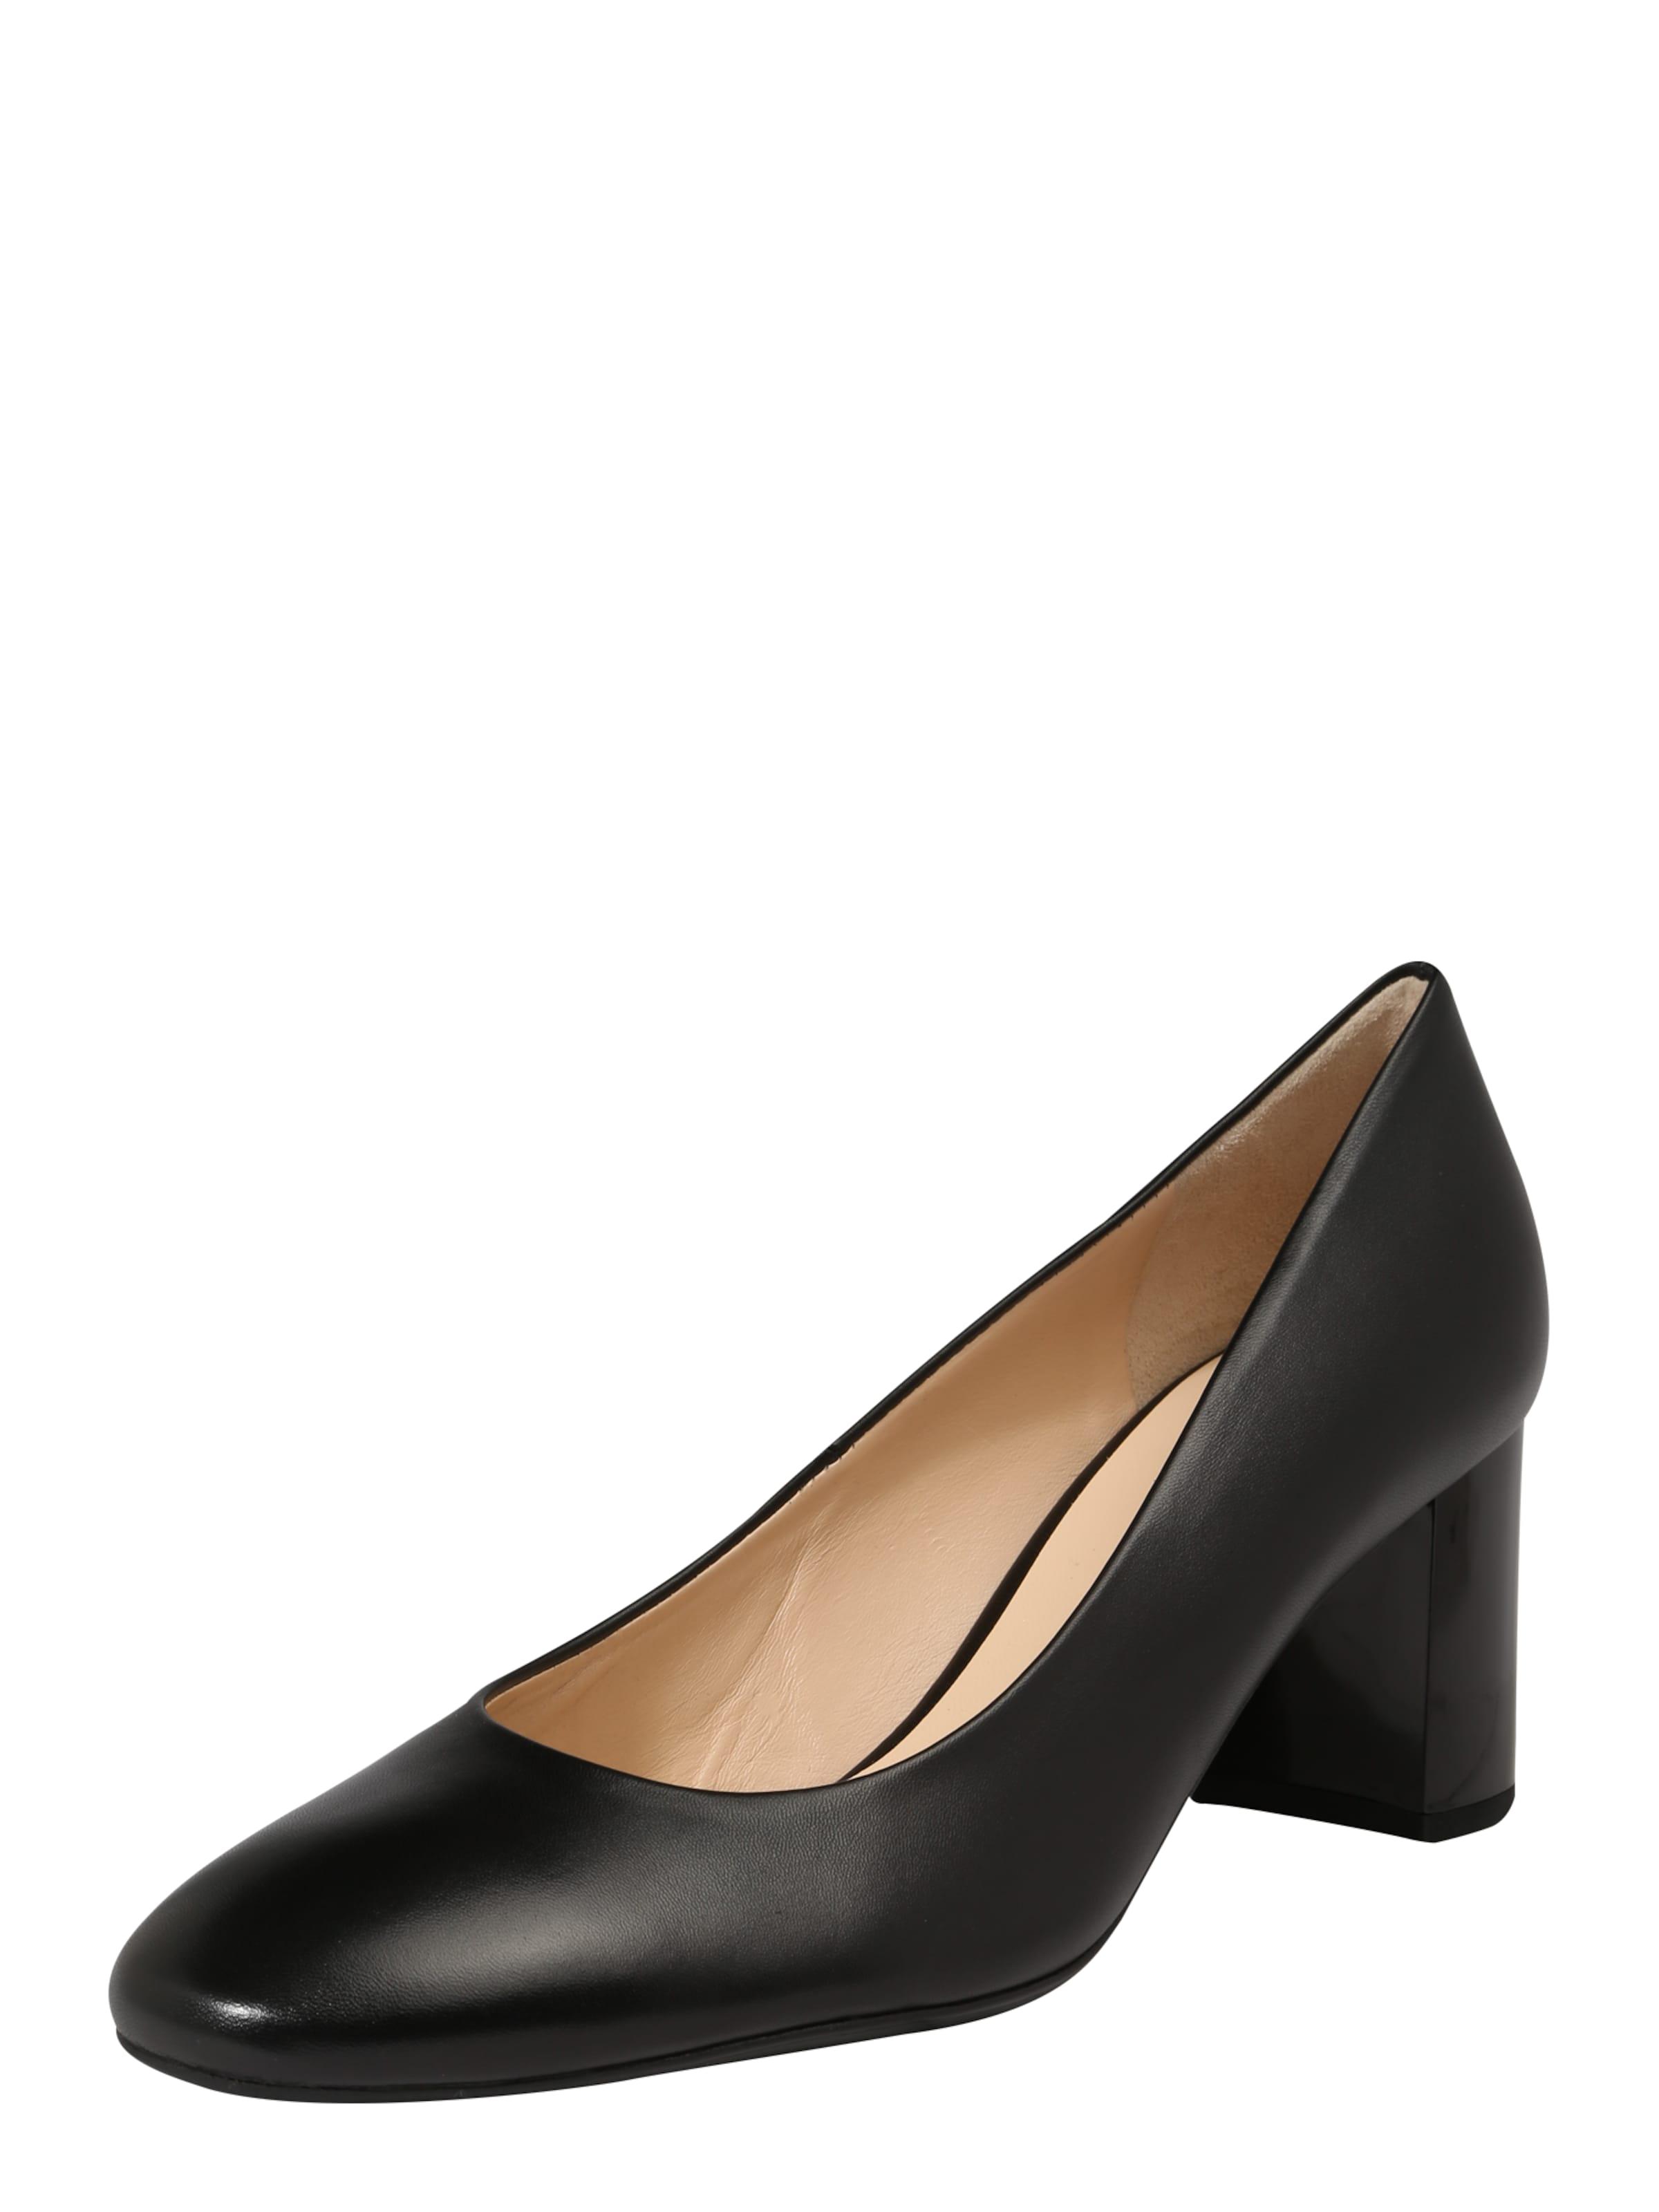 Haltbare Mode billige Schuhe Högl | | | Pumps Schuhe Gut getragene Schuhe b4985f